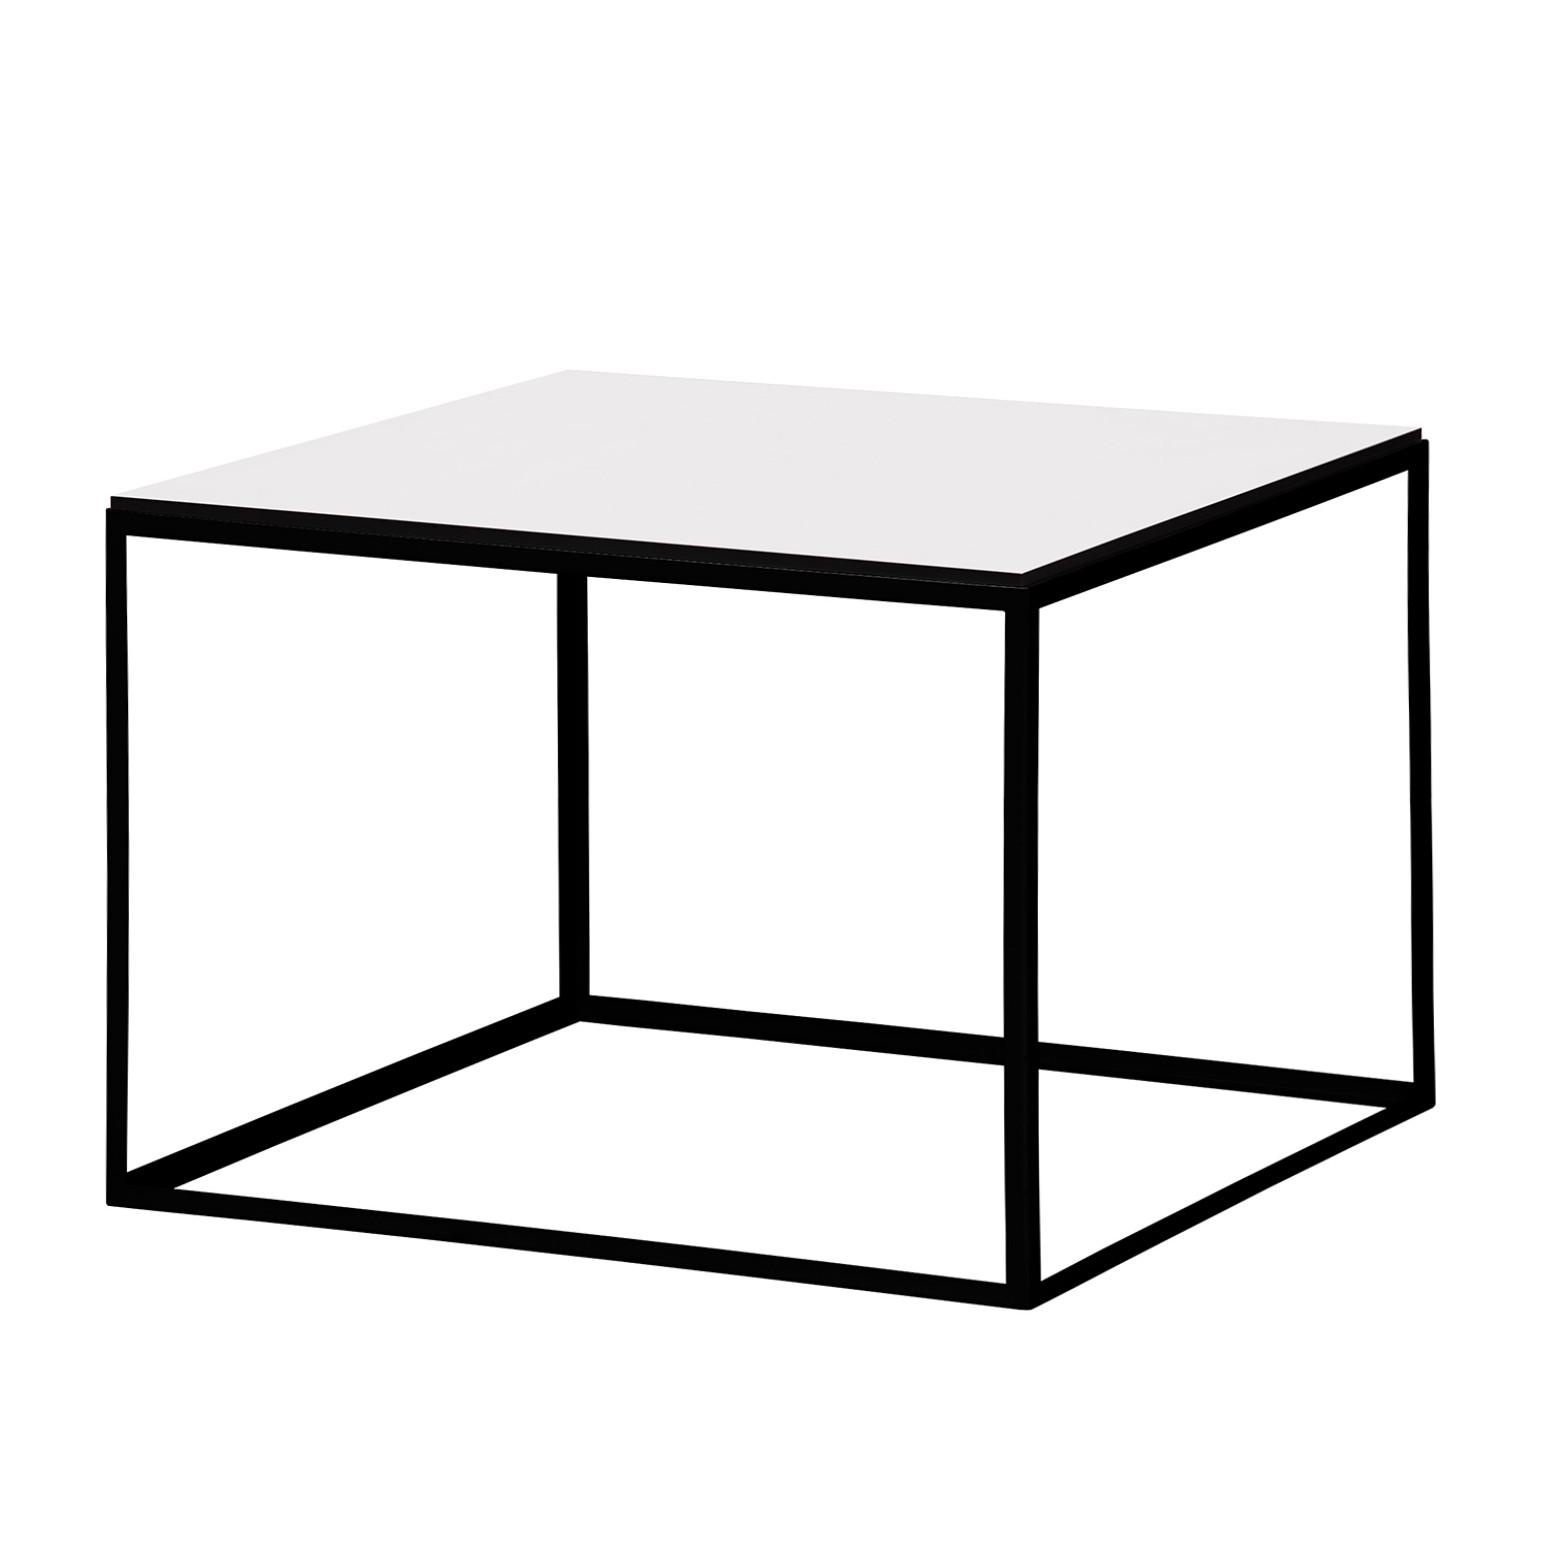 Table d'appoint Piet I - Blanc / Noir, Studio Copenhagen